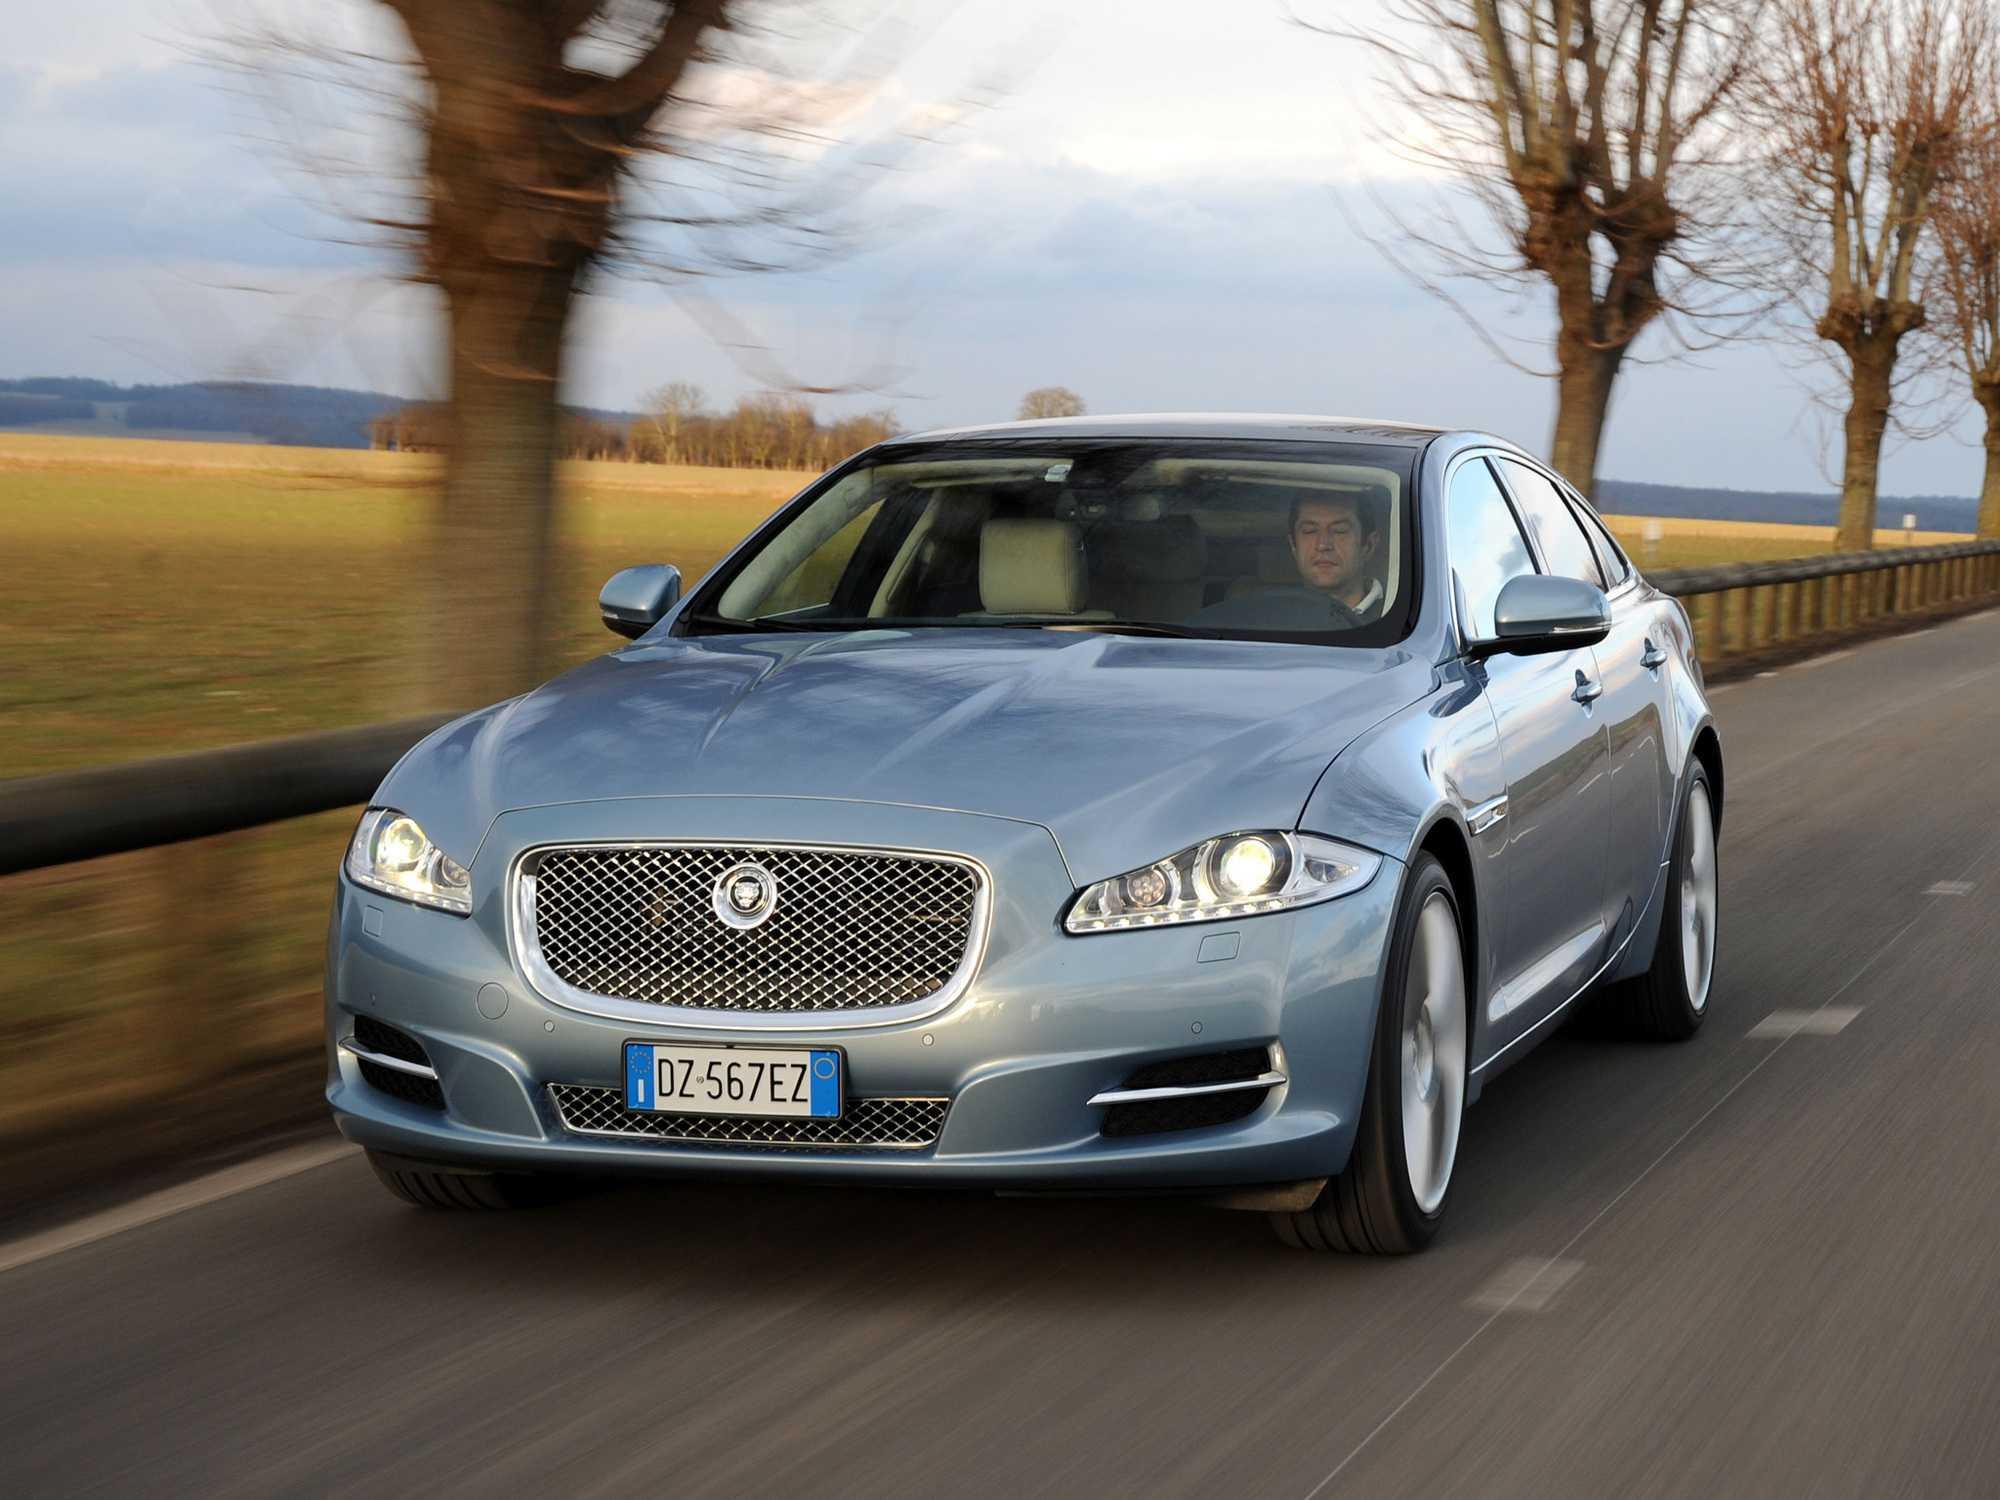 Jaguar xj 2010, седан, 9 поколение, x351 (06.2010 - 02.2016) - технические характеристики и комплектации